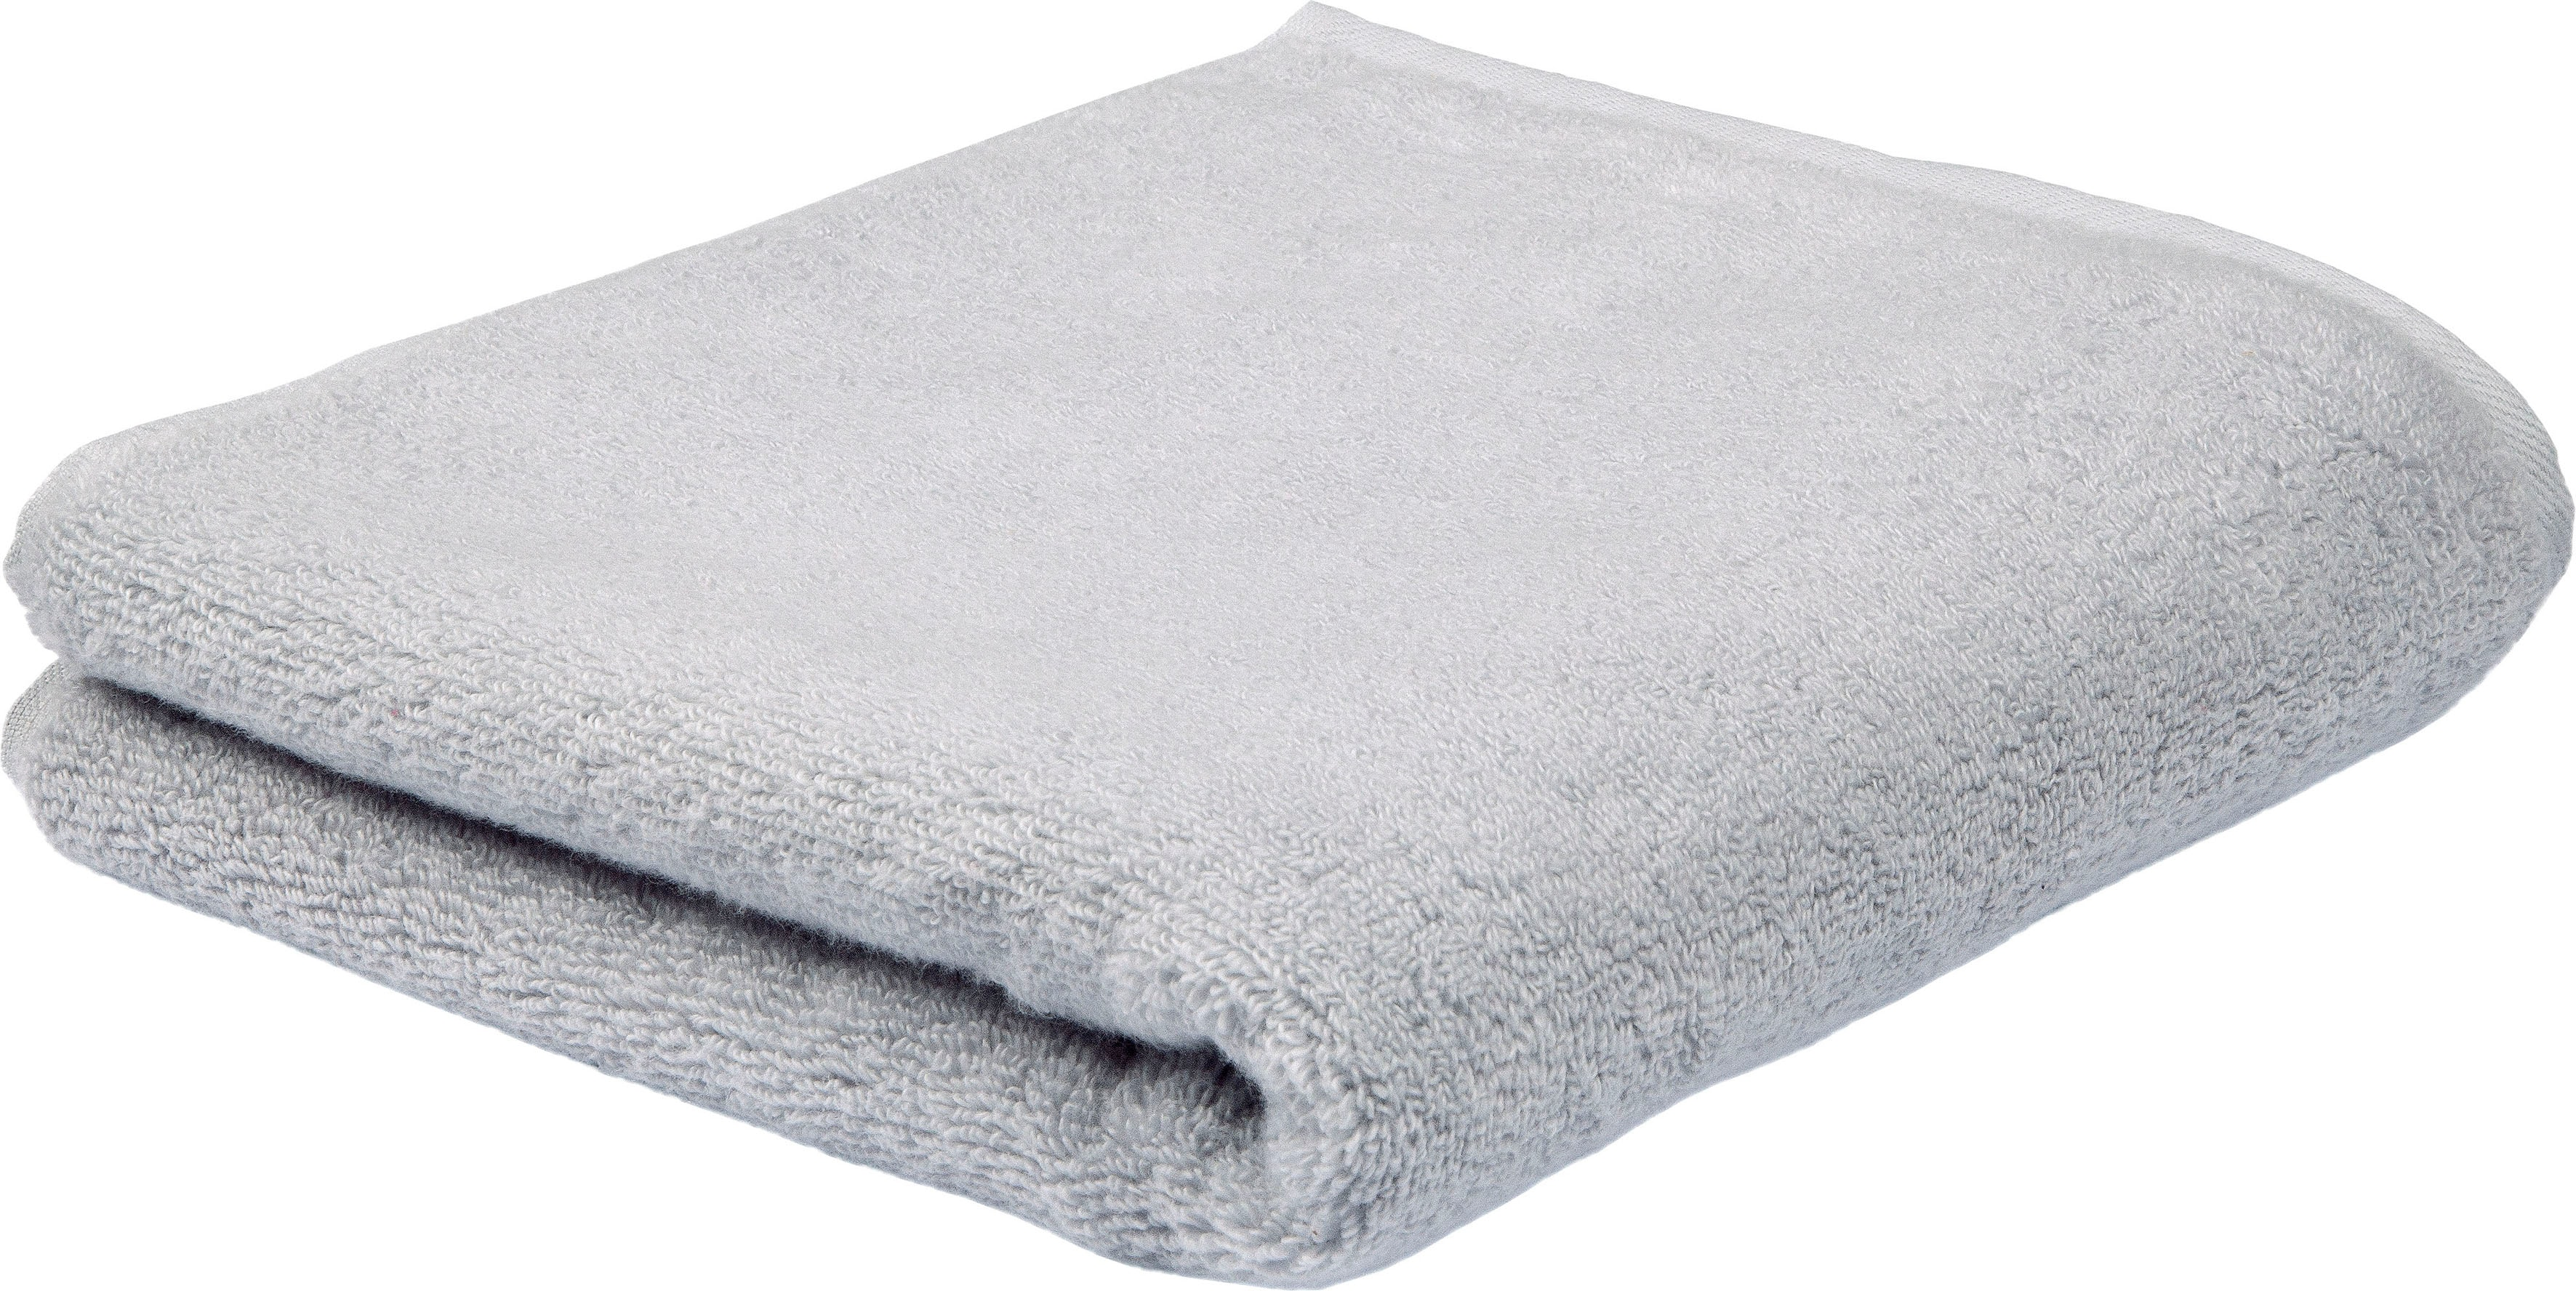 ROSS Handtuch Sensual Skin, (2 St.), mit Aloe Vera veredelt grau Handtücher Badetücher